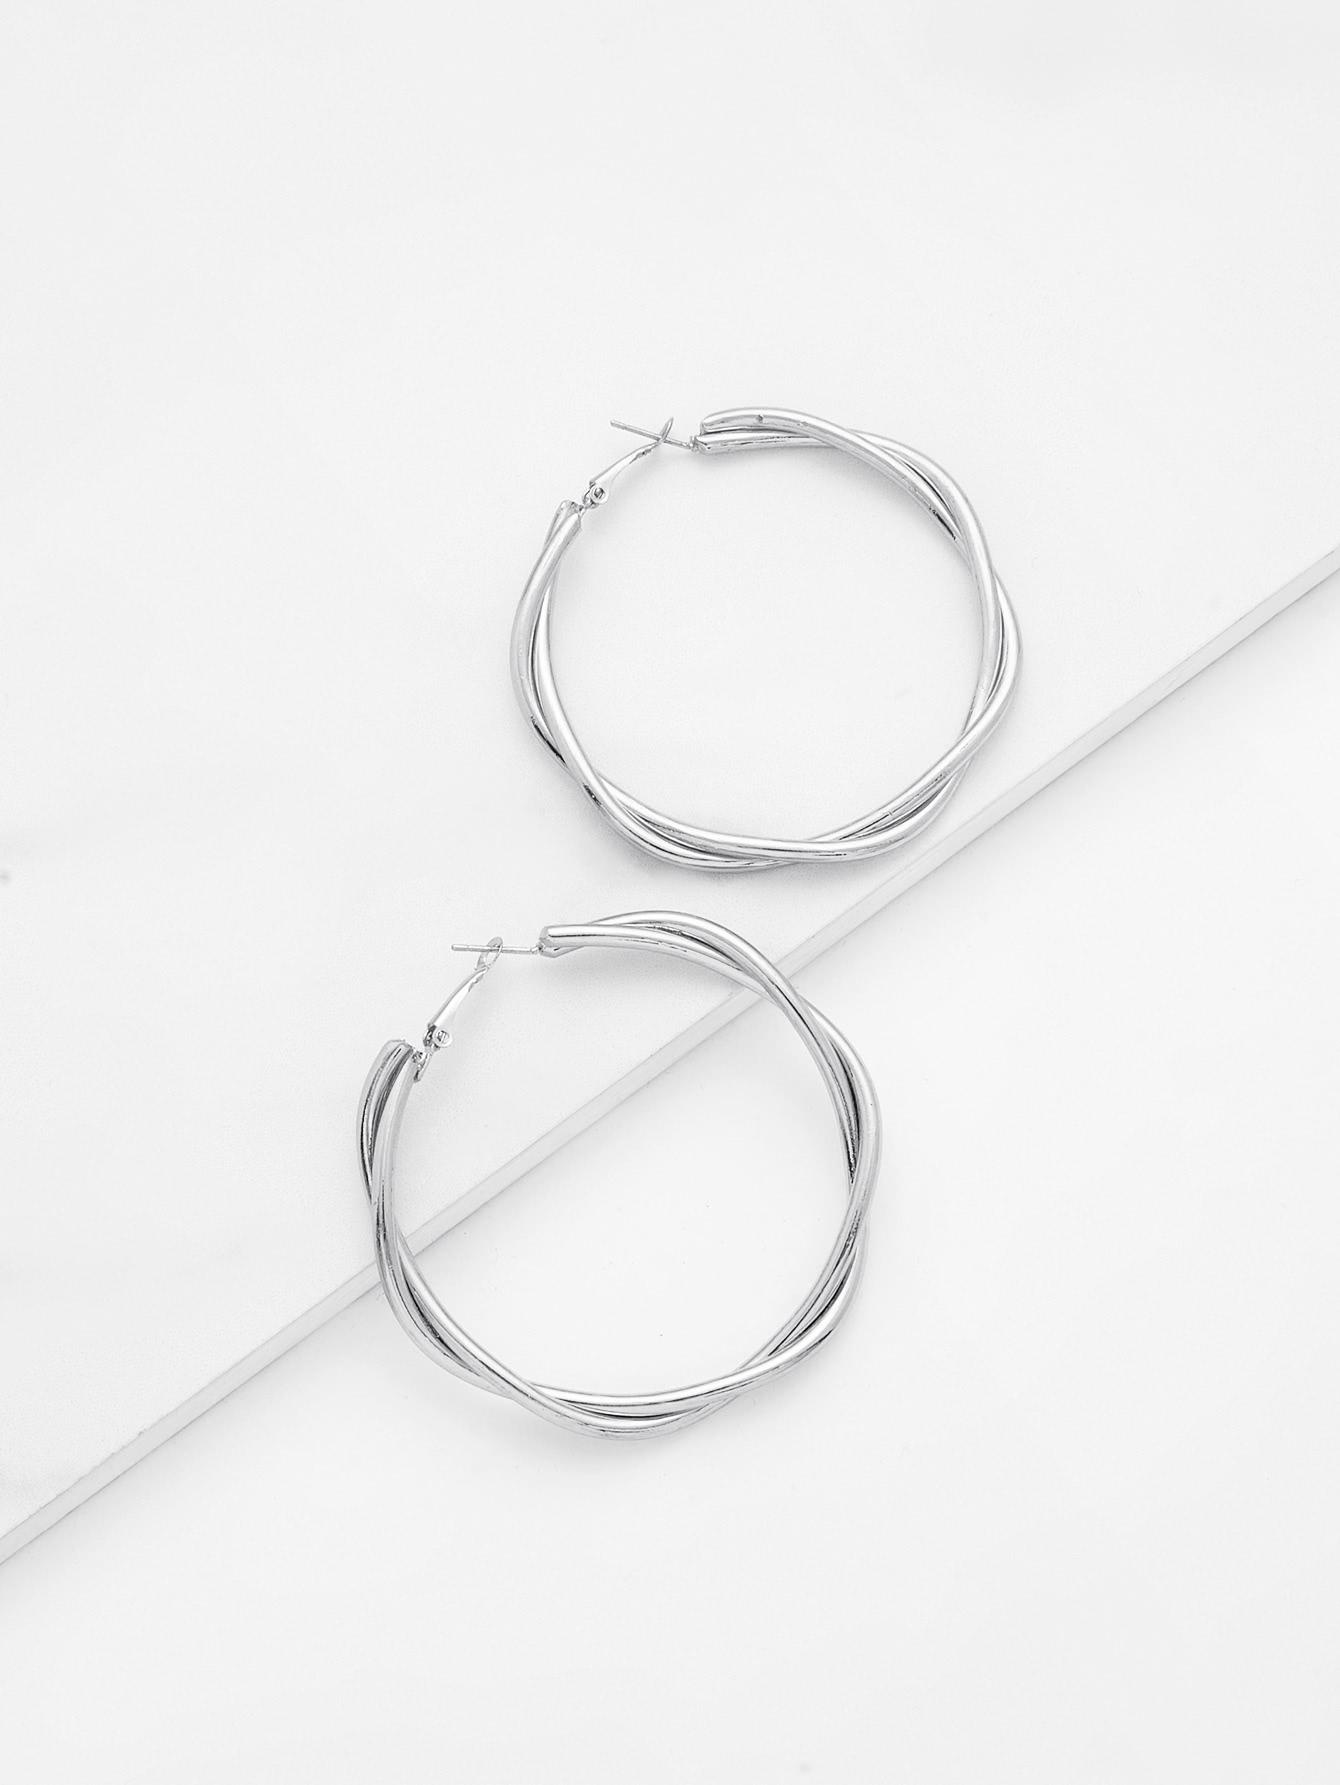 Metal Wrap Hoop Earrings layered wrap hoop earrings